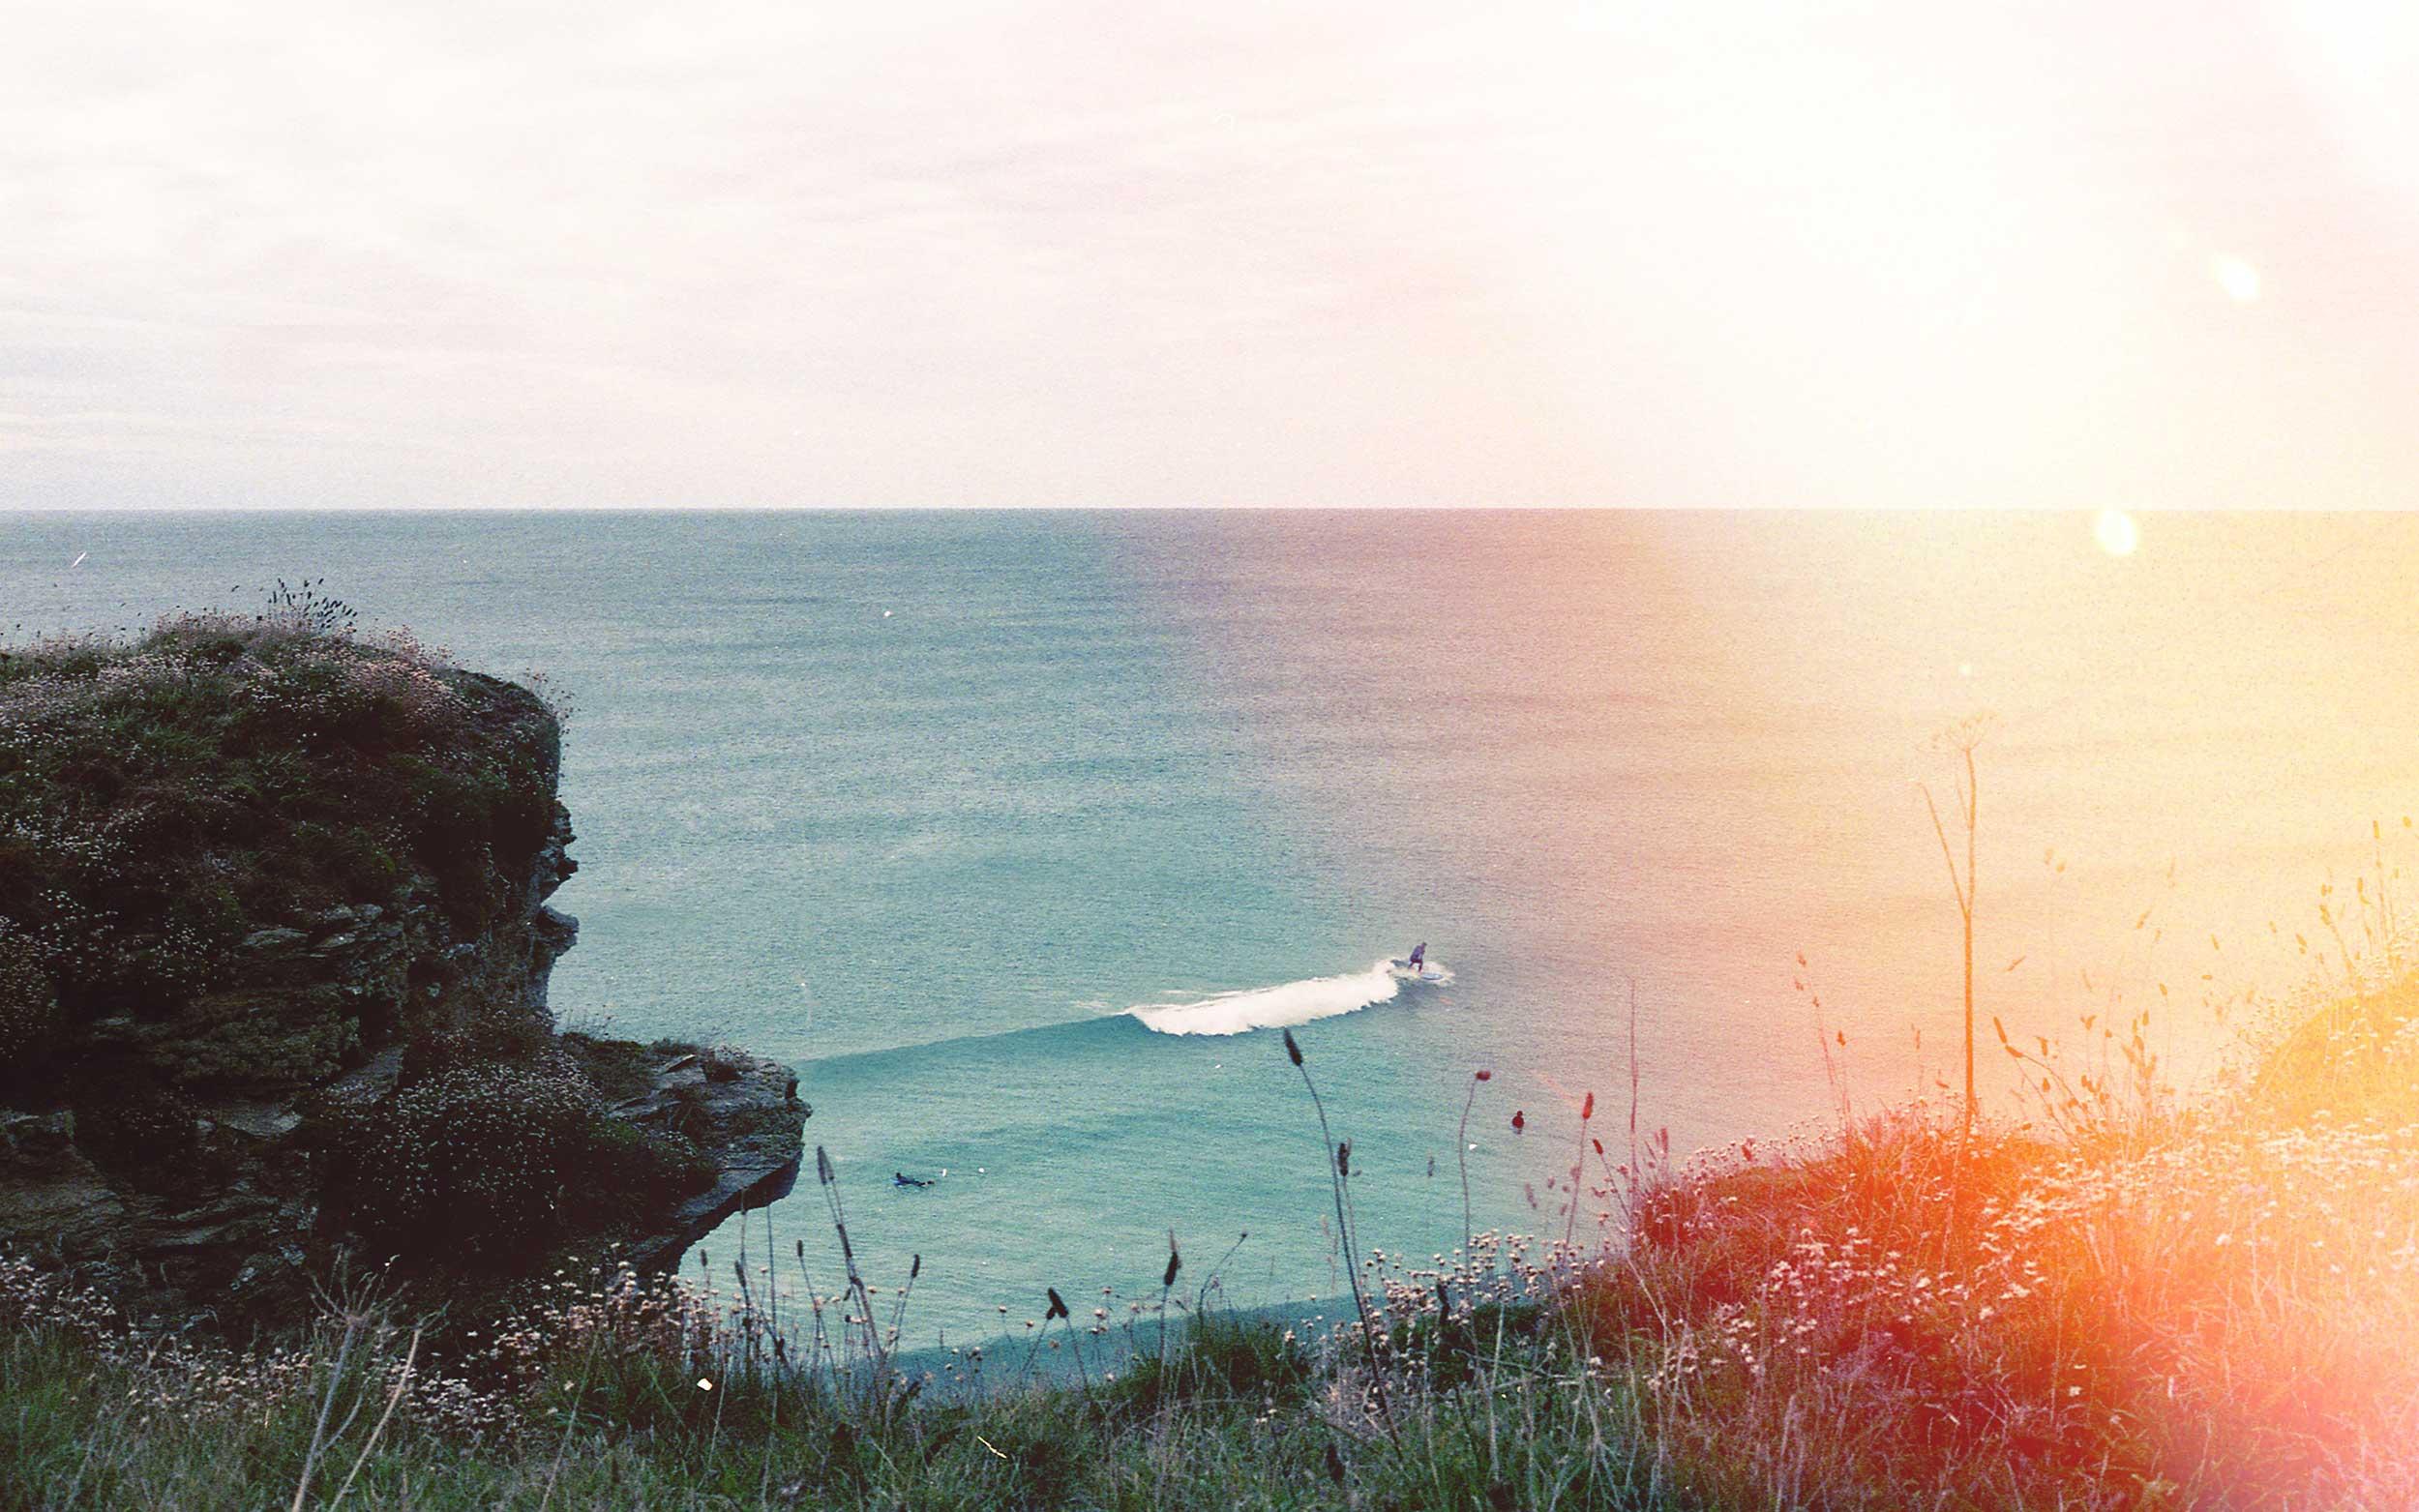 surfing-WIP.jpg